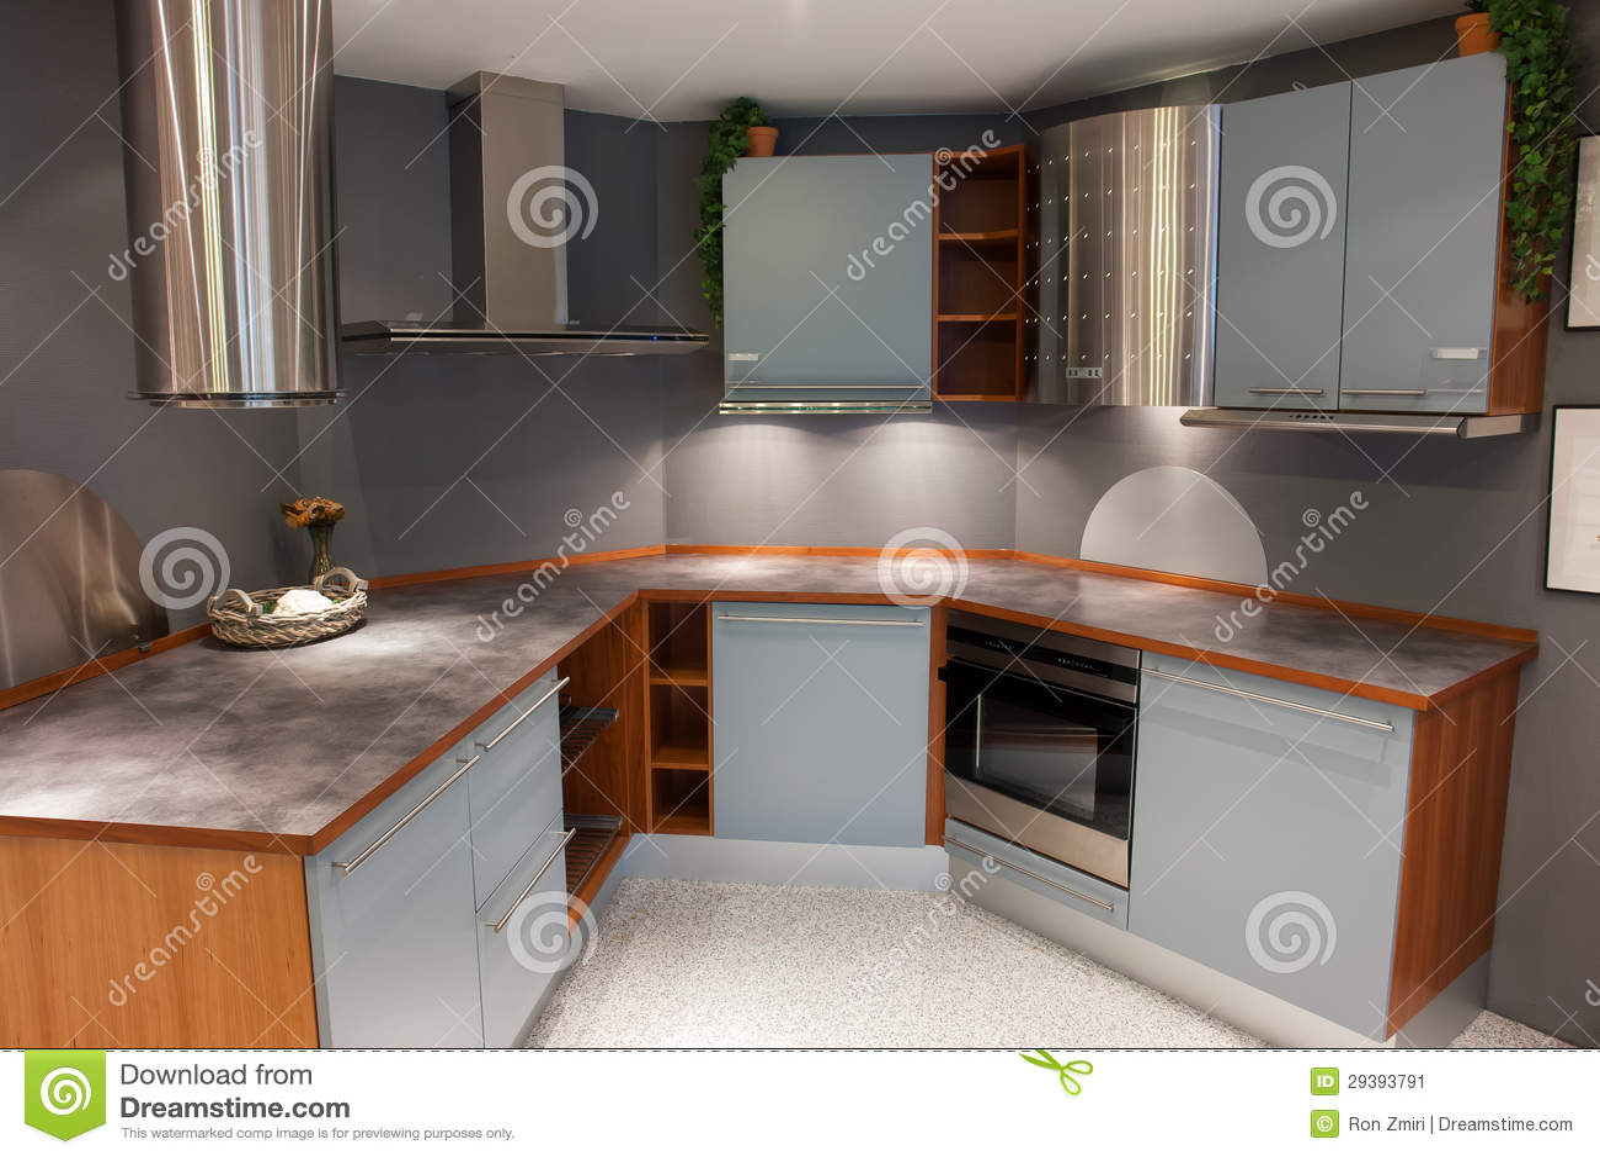 #81A229 Luz Na Moda Moderna Do Projeto Cozinha De Madeira Azul Imagem de  1300x957 px Projetos De Cozinha De Madeira #291 imagens